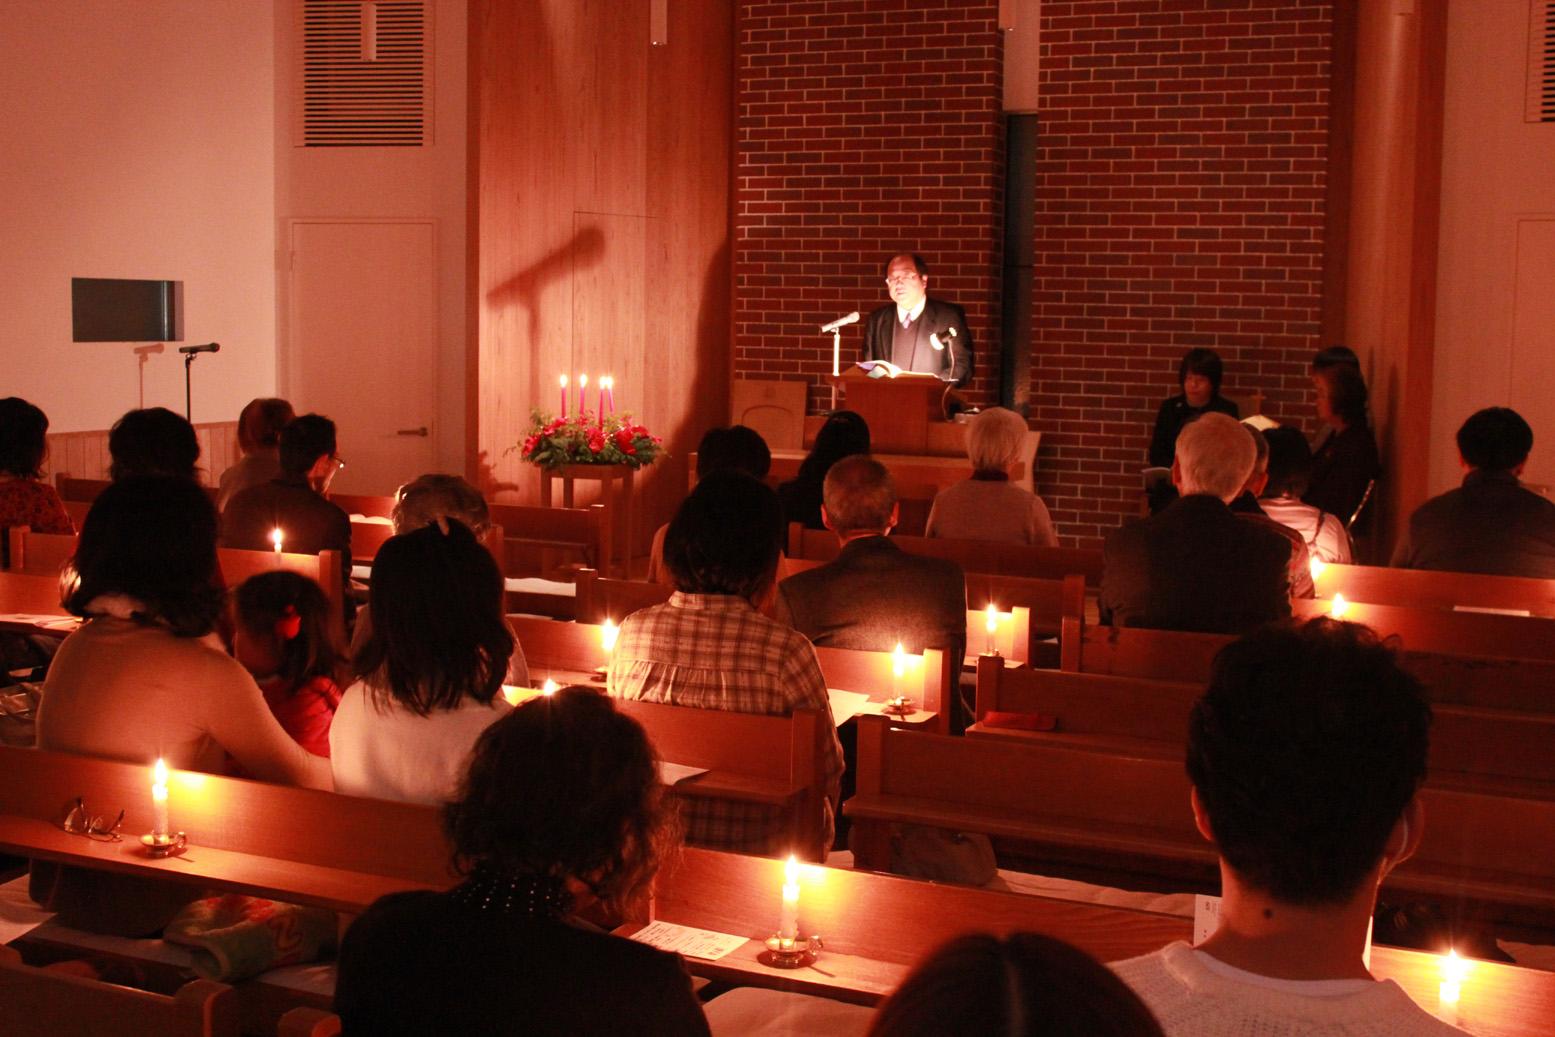 クリスマス・イブ燭火礼拝